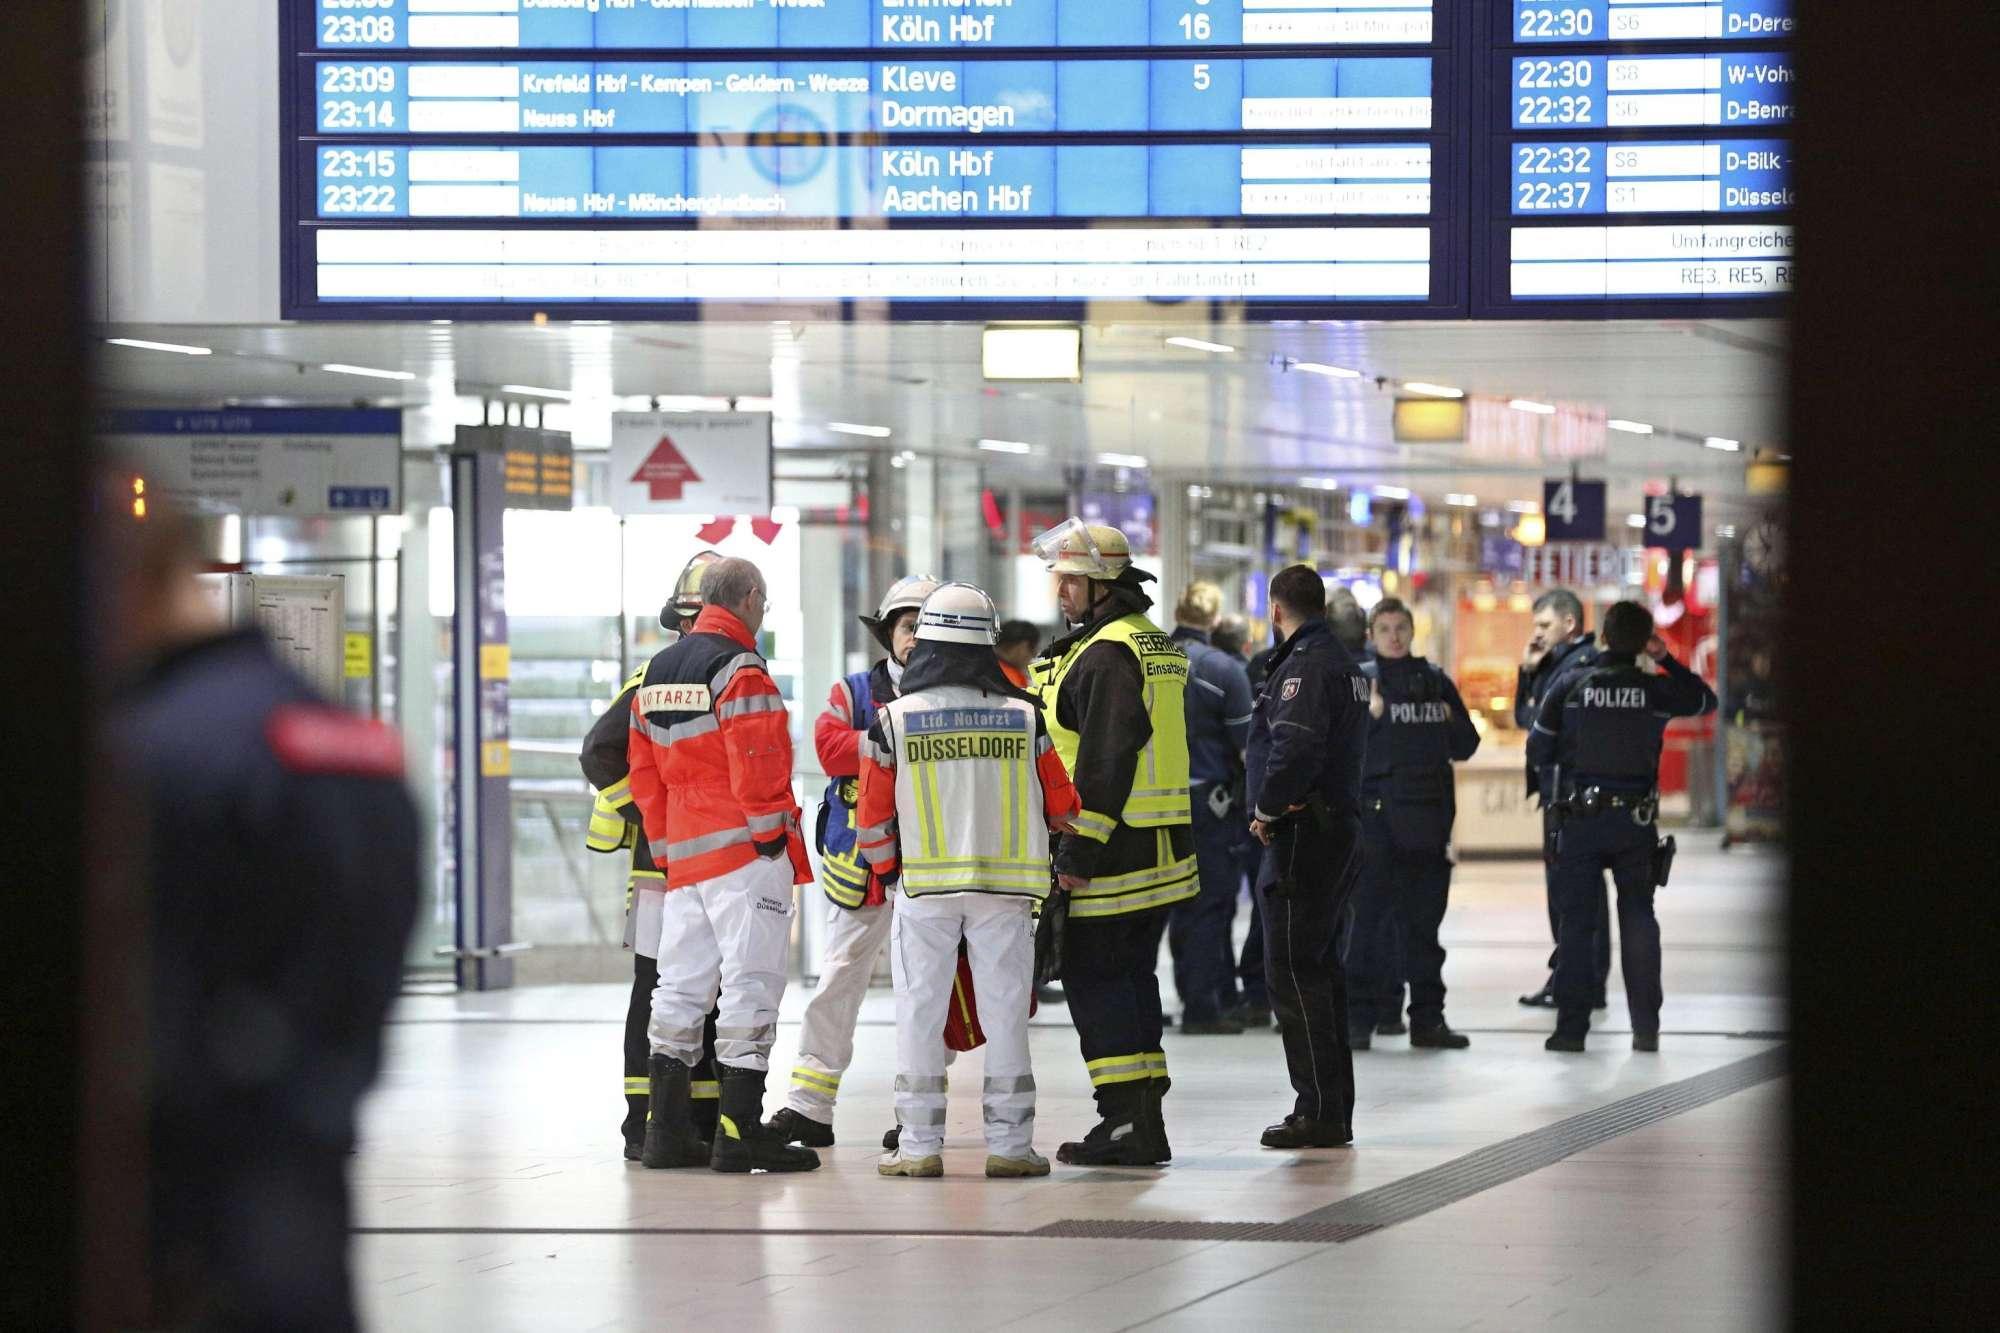 L assalto alla stazione di Dusseldorf a colpi di ascia